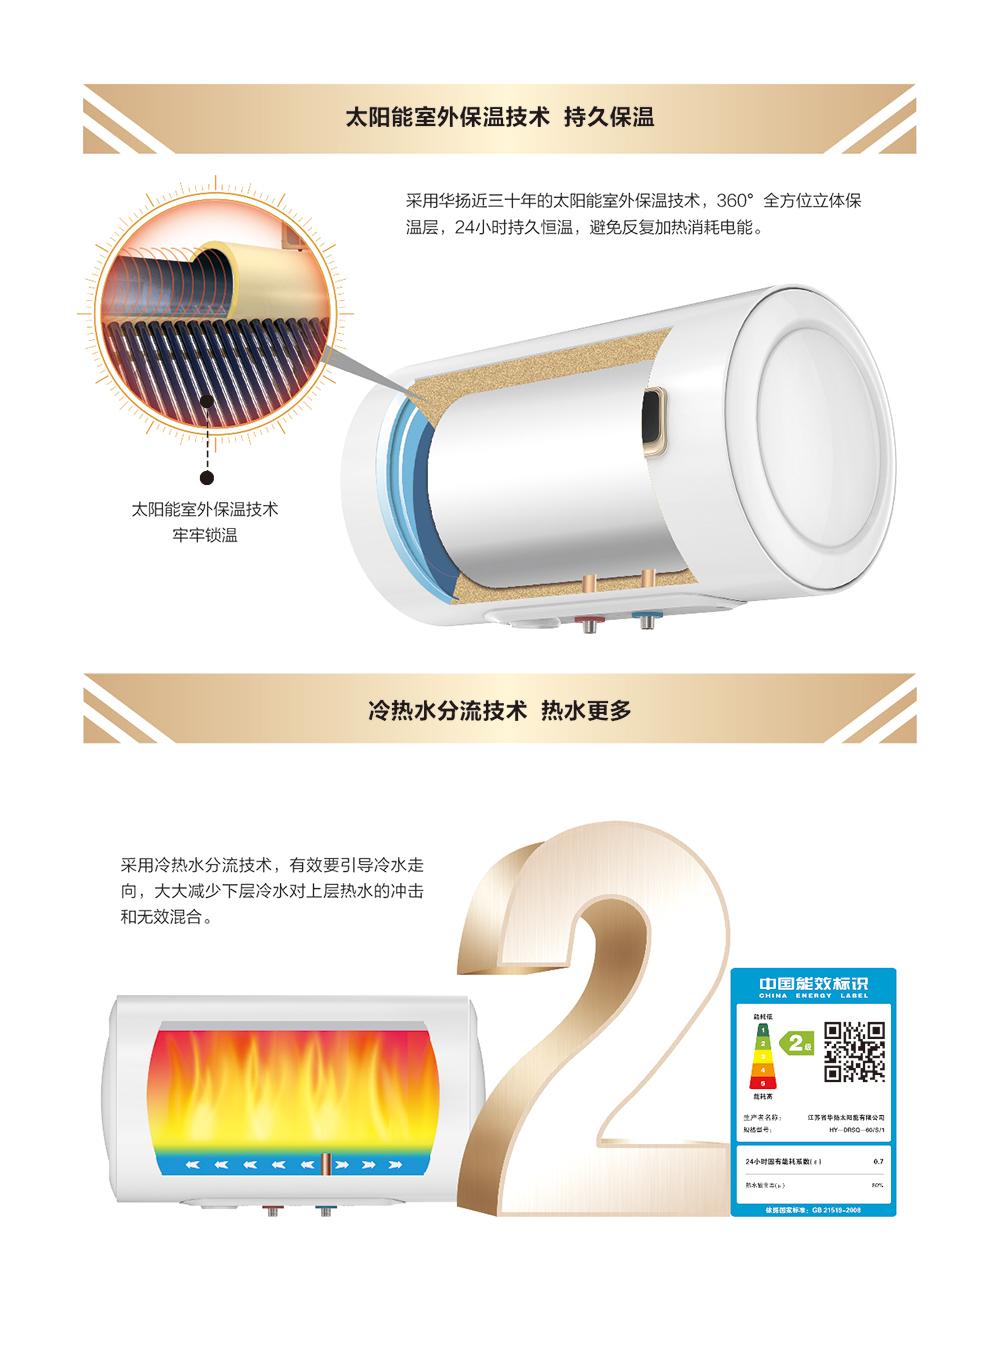 红外遥控式防电墙电热水器技术